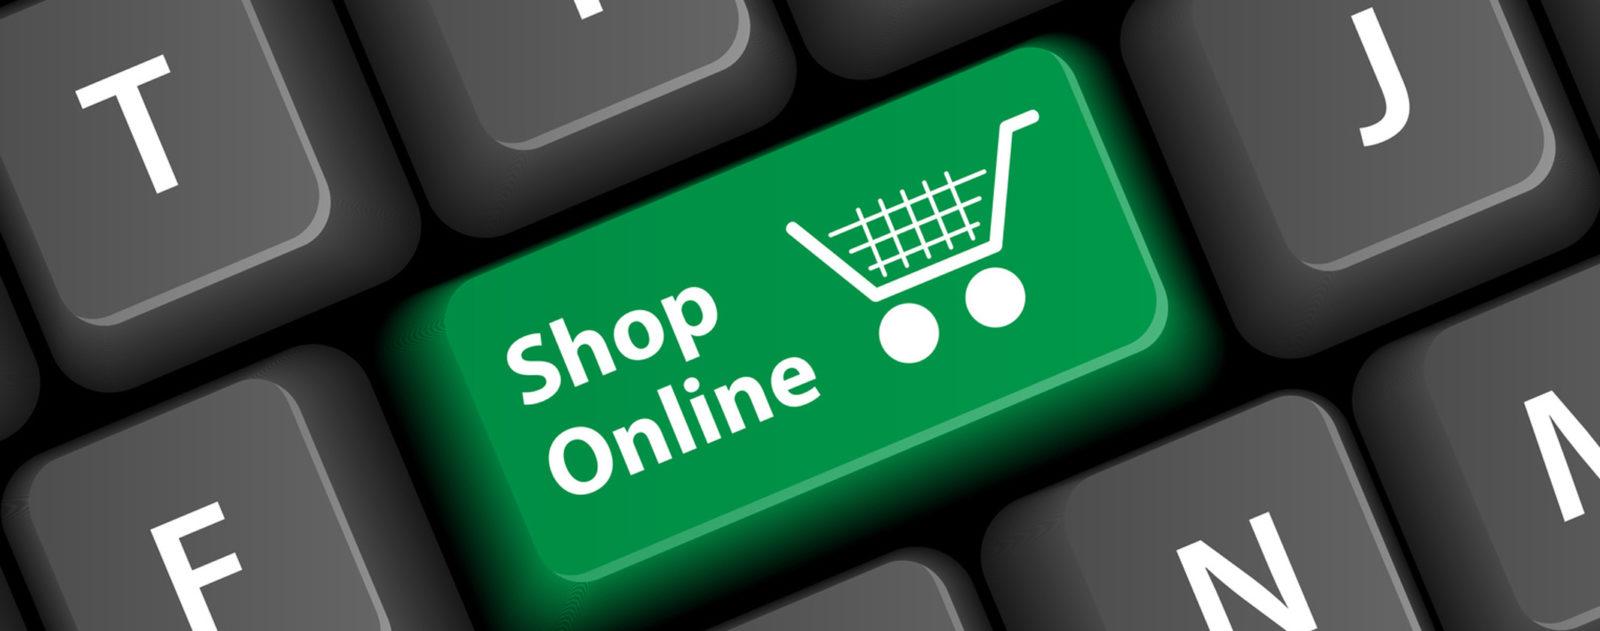 shop online on our e commerce store tapis essgo carpets